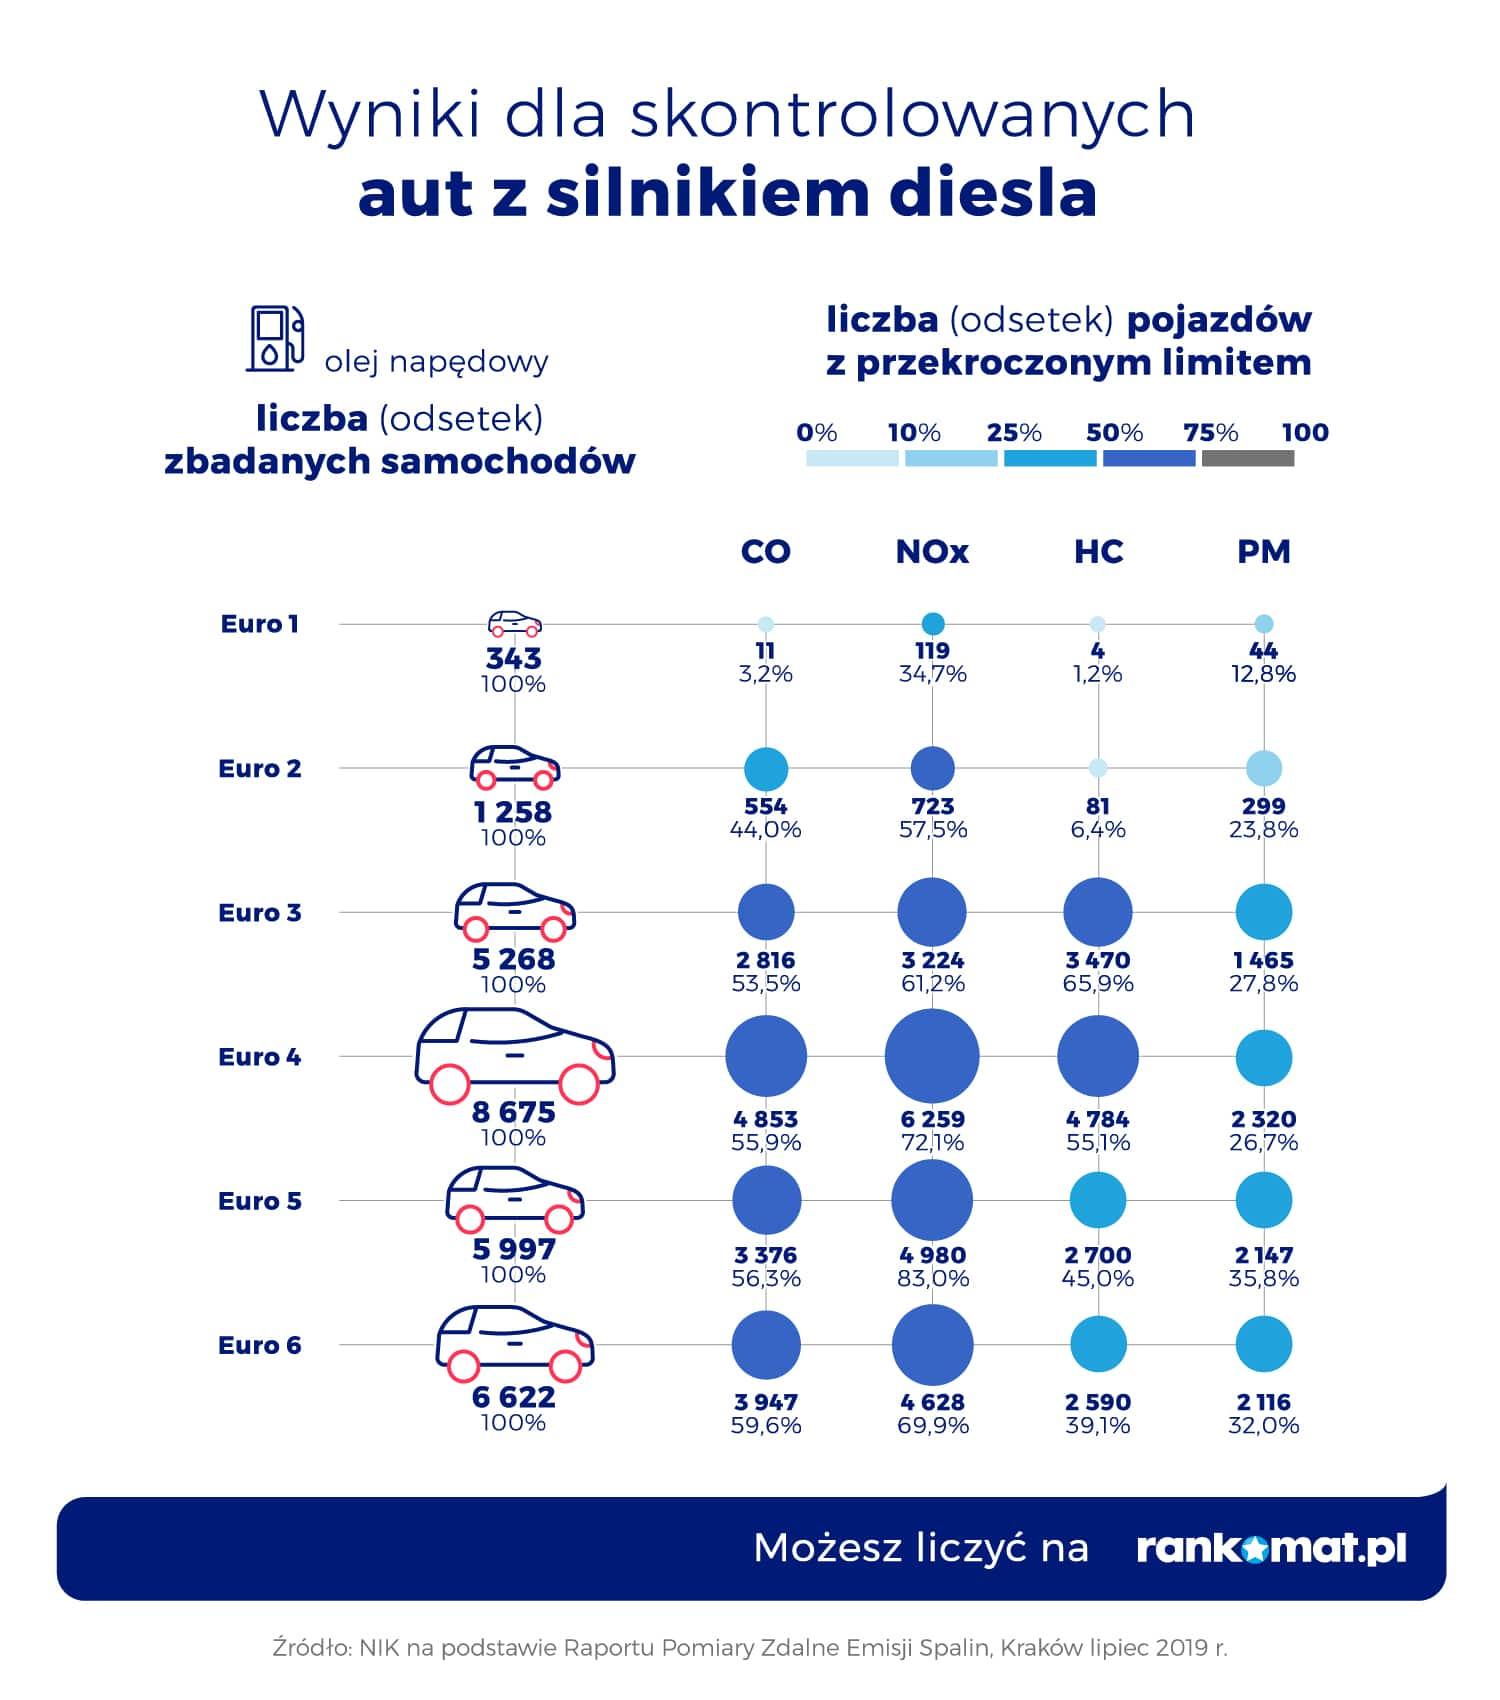 Wyniki dla skontrolowanych aut z silnikiem diesla